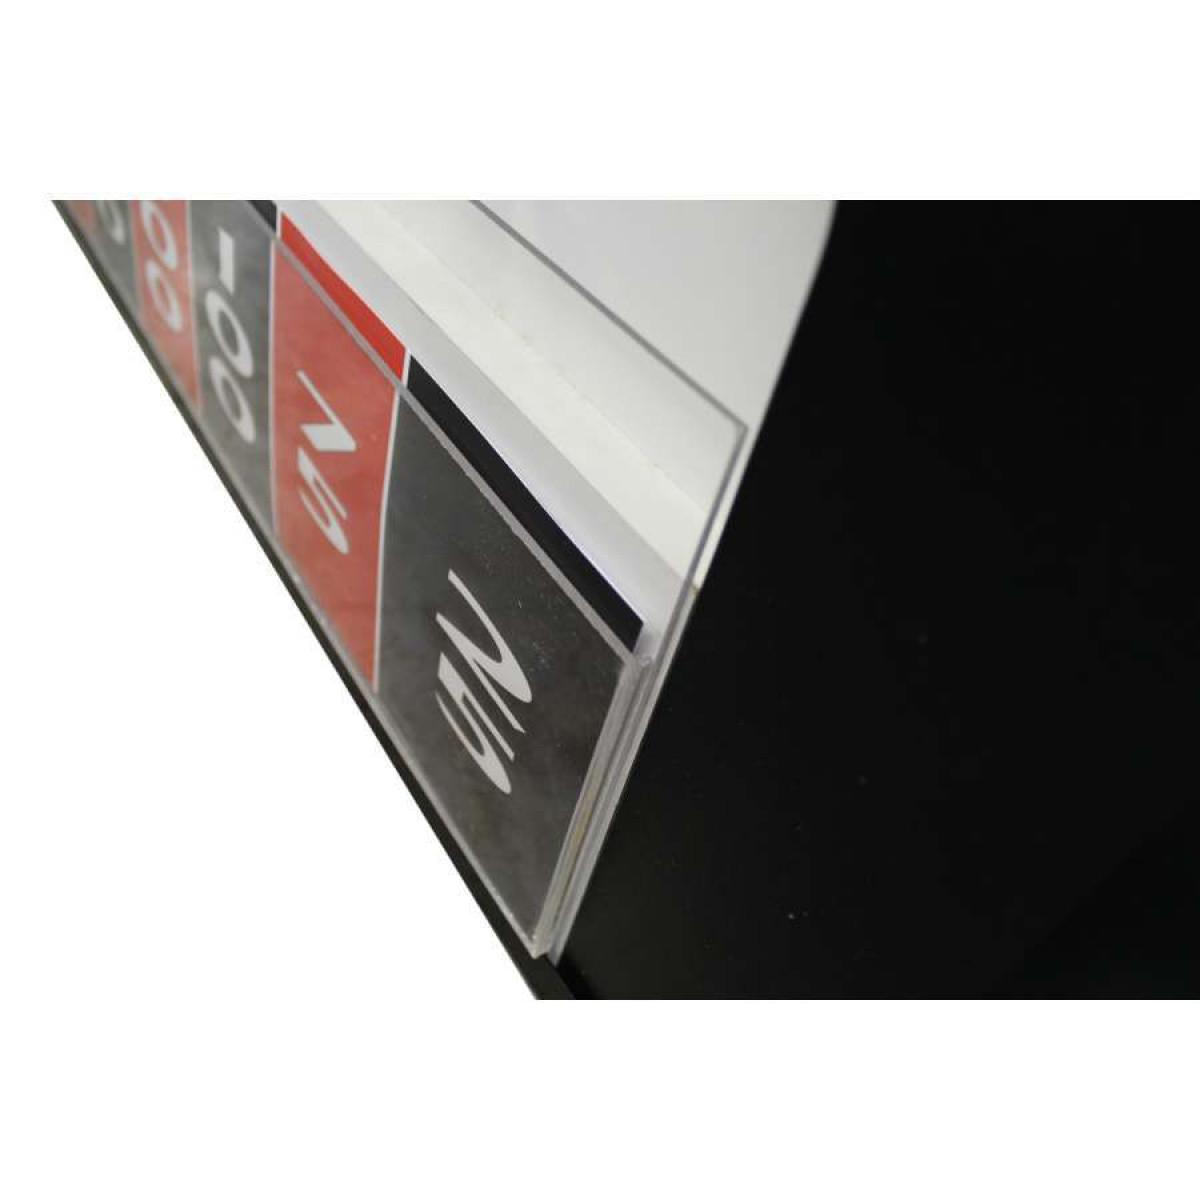 Plinko board for sale buy custom plinko game boards for Plinko board dimensions